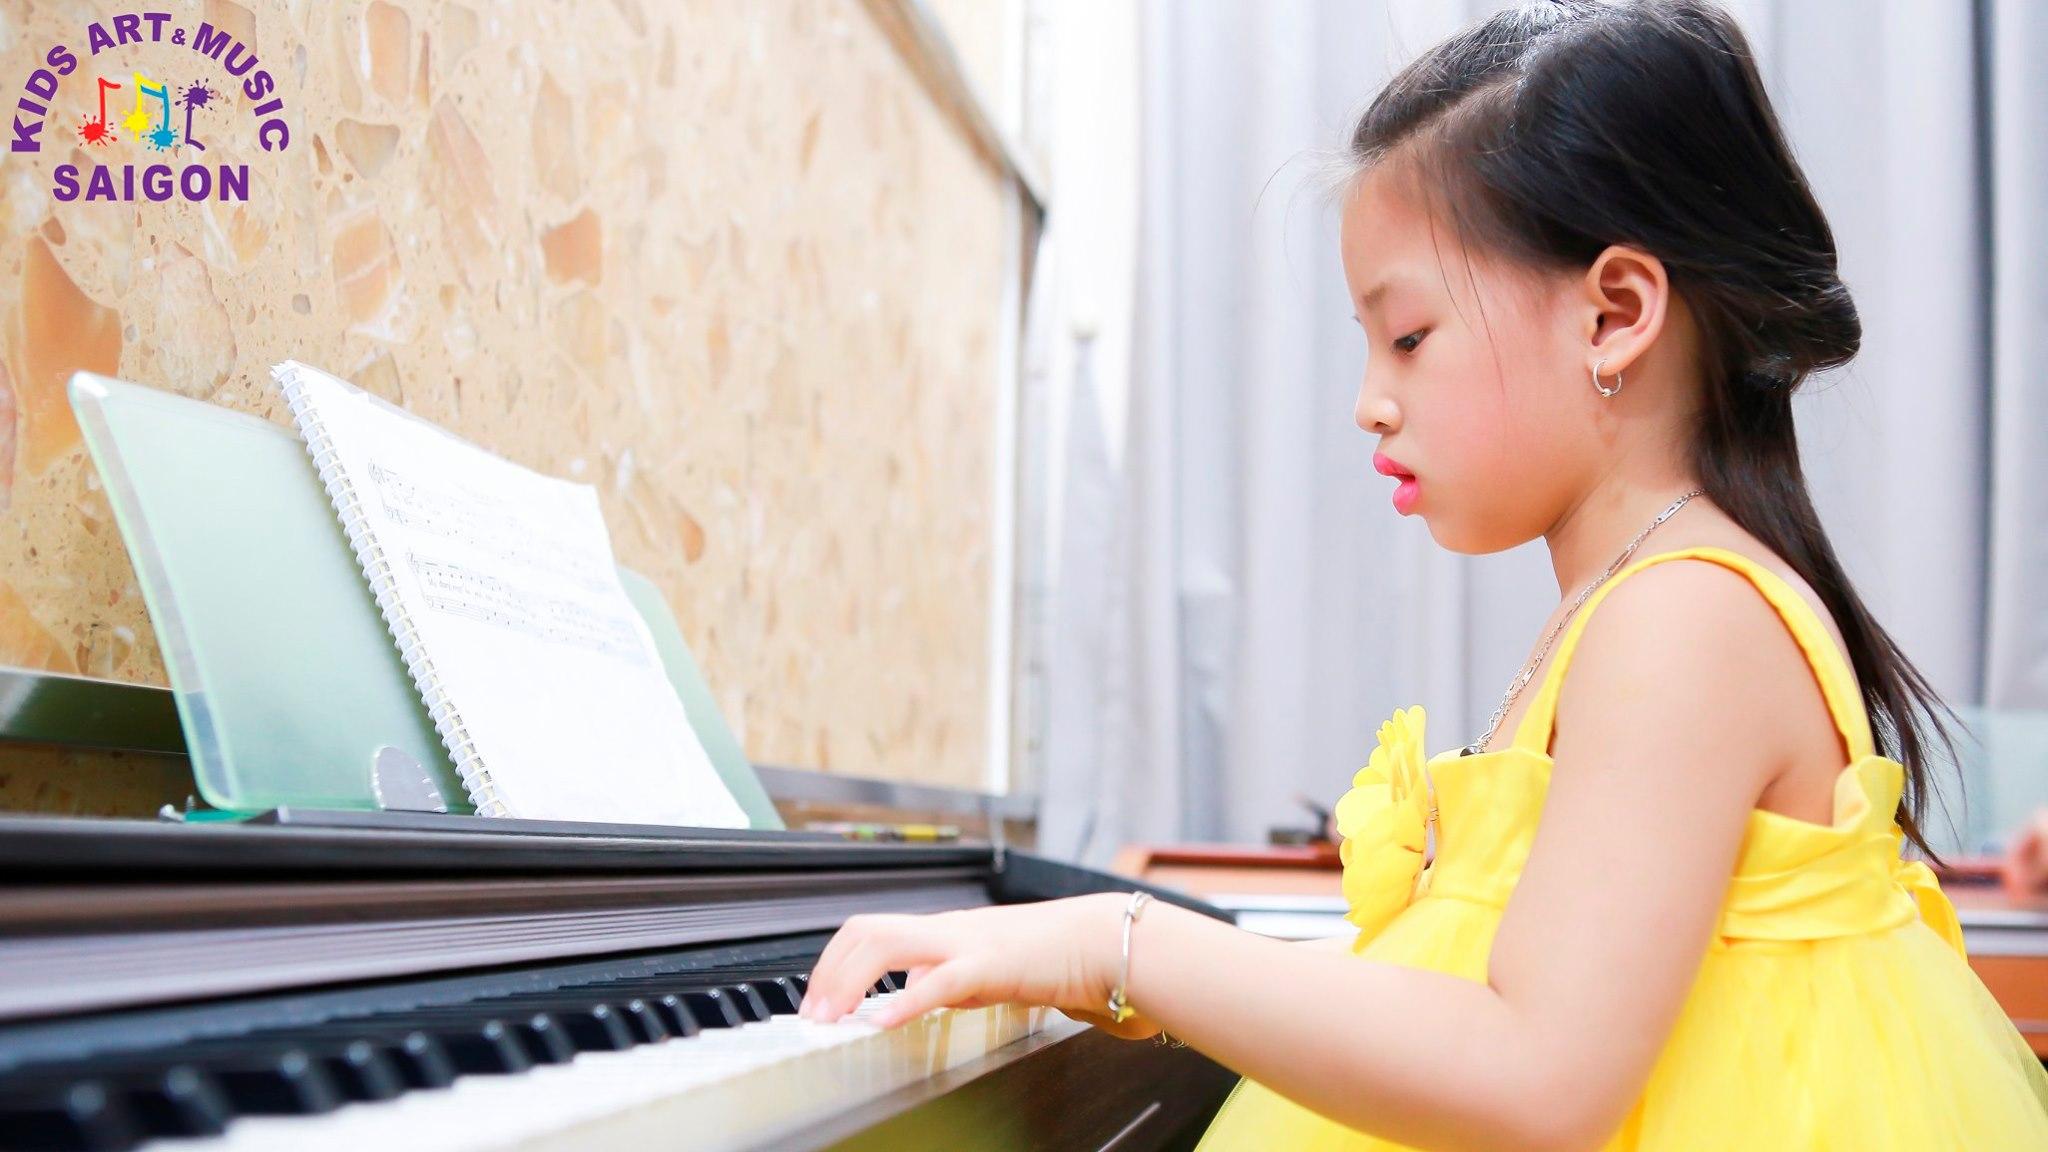 Dạy piano cho trẻ em ở nhà hay ở trường thì hiệu quả hơn? - hình ảnh 2